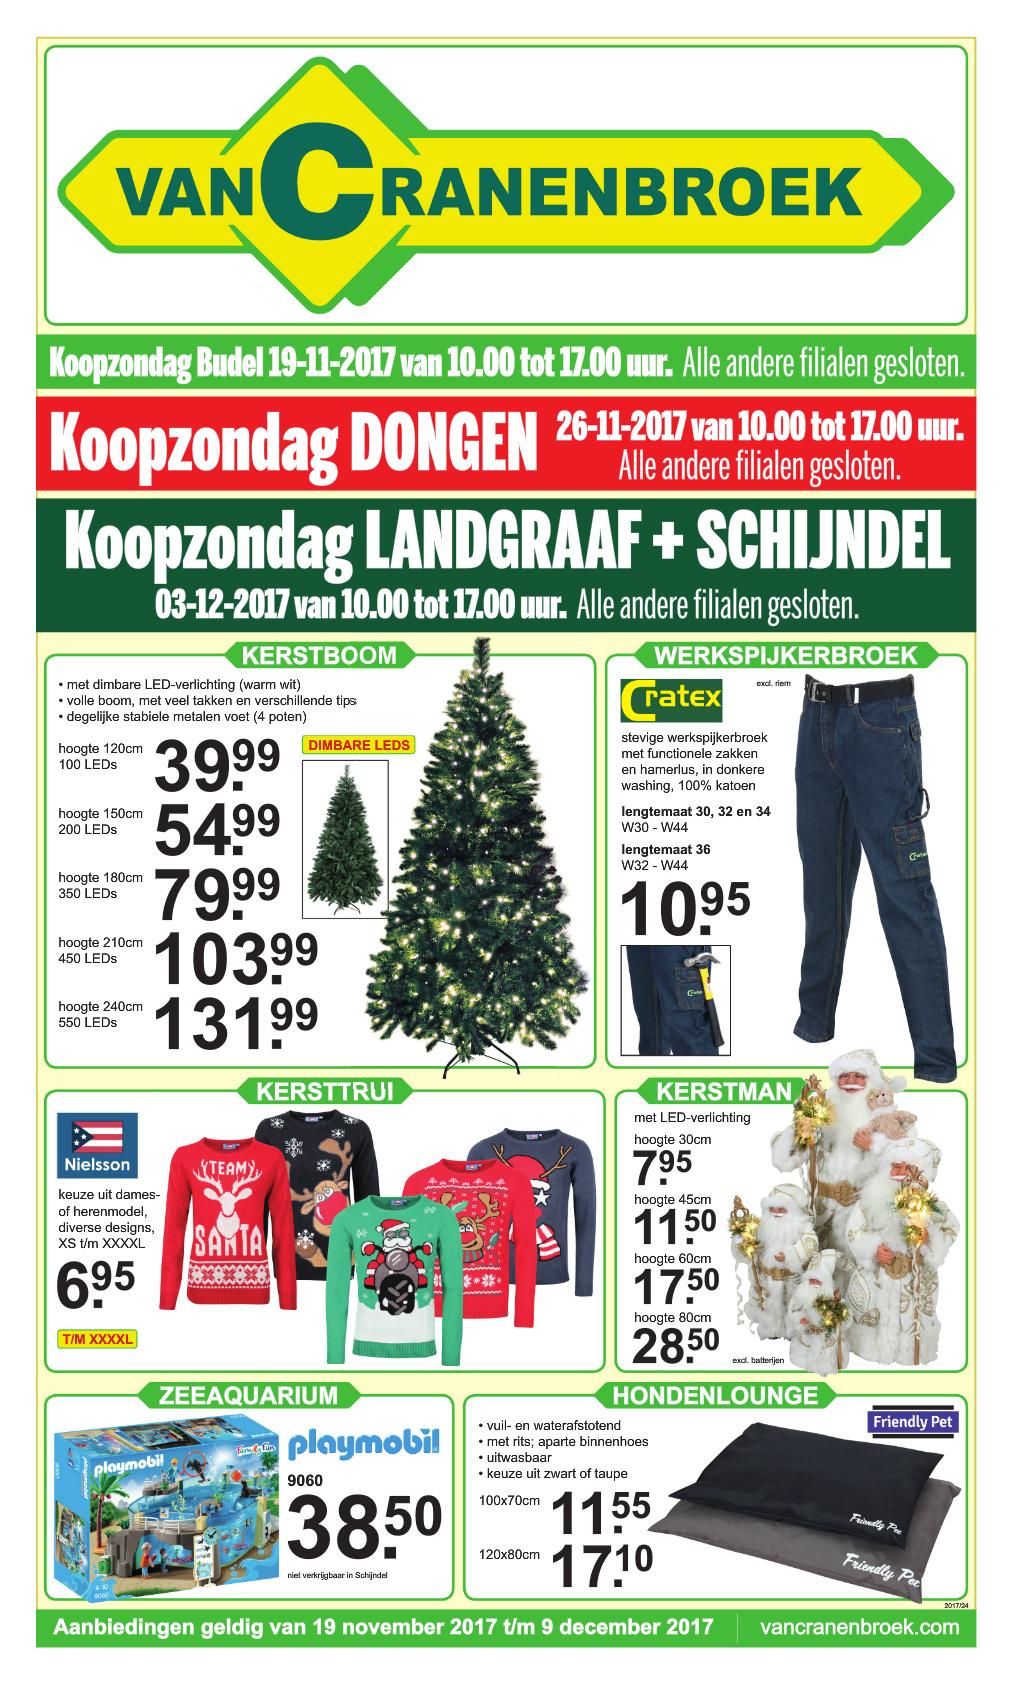 Foute Kersttrui m/v @van cranenbroek